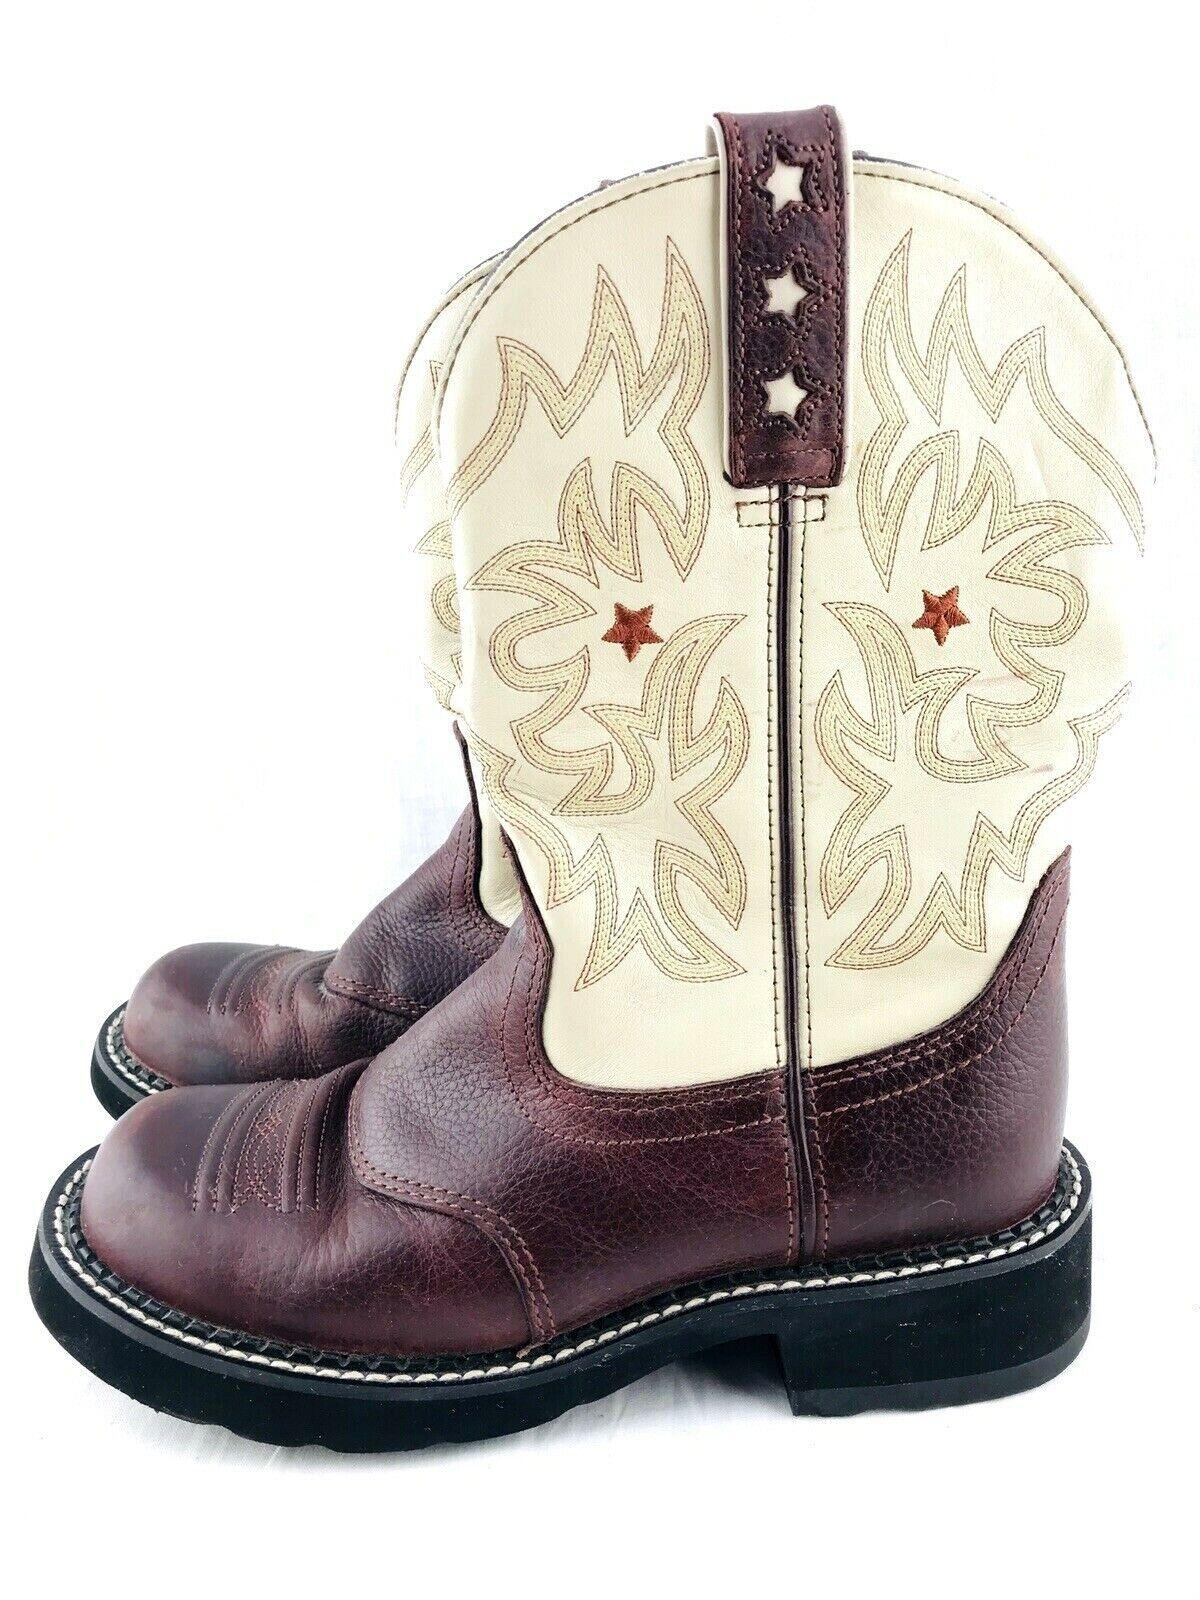 Ariat botas para mujer 7.5 B Equitación Rancho trabajo Rodeo 16703 vaquero Ecuestre